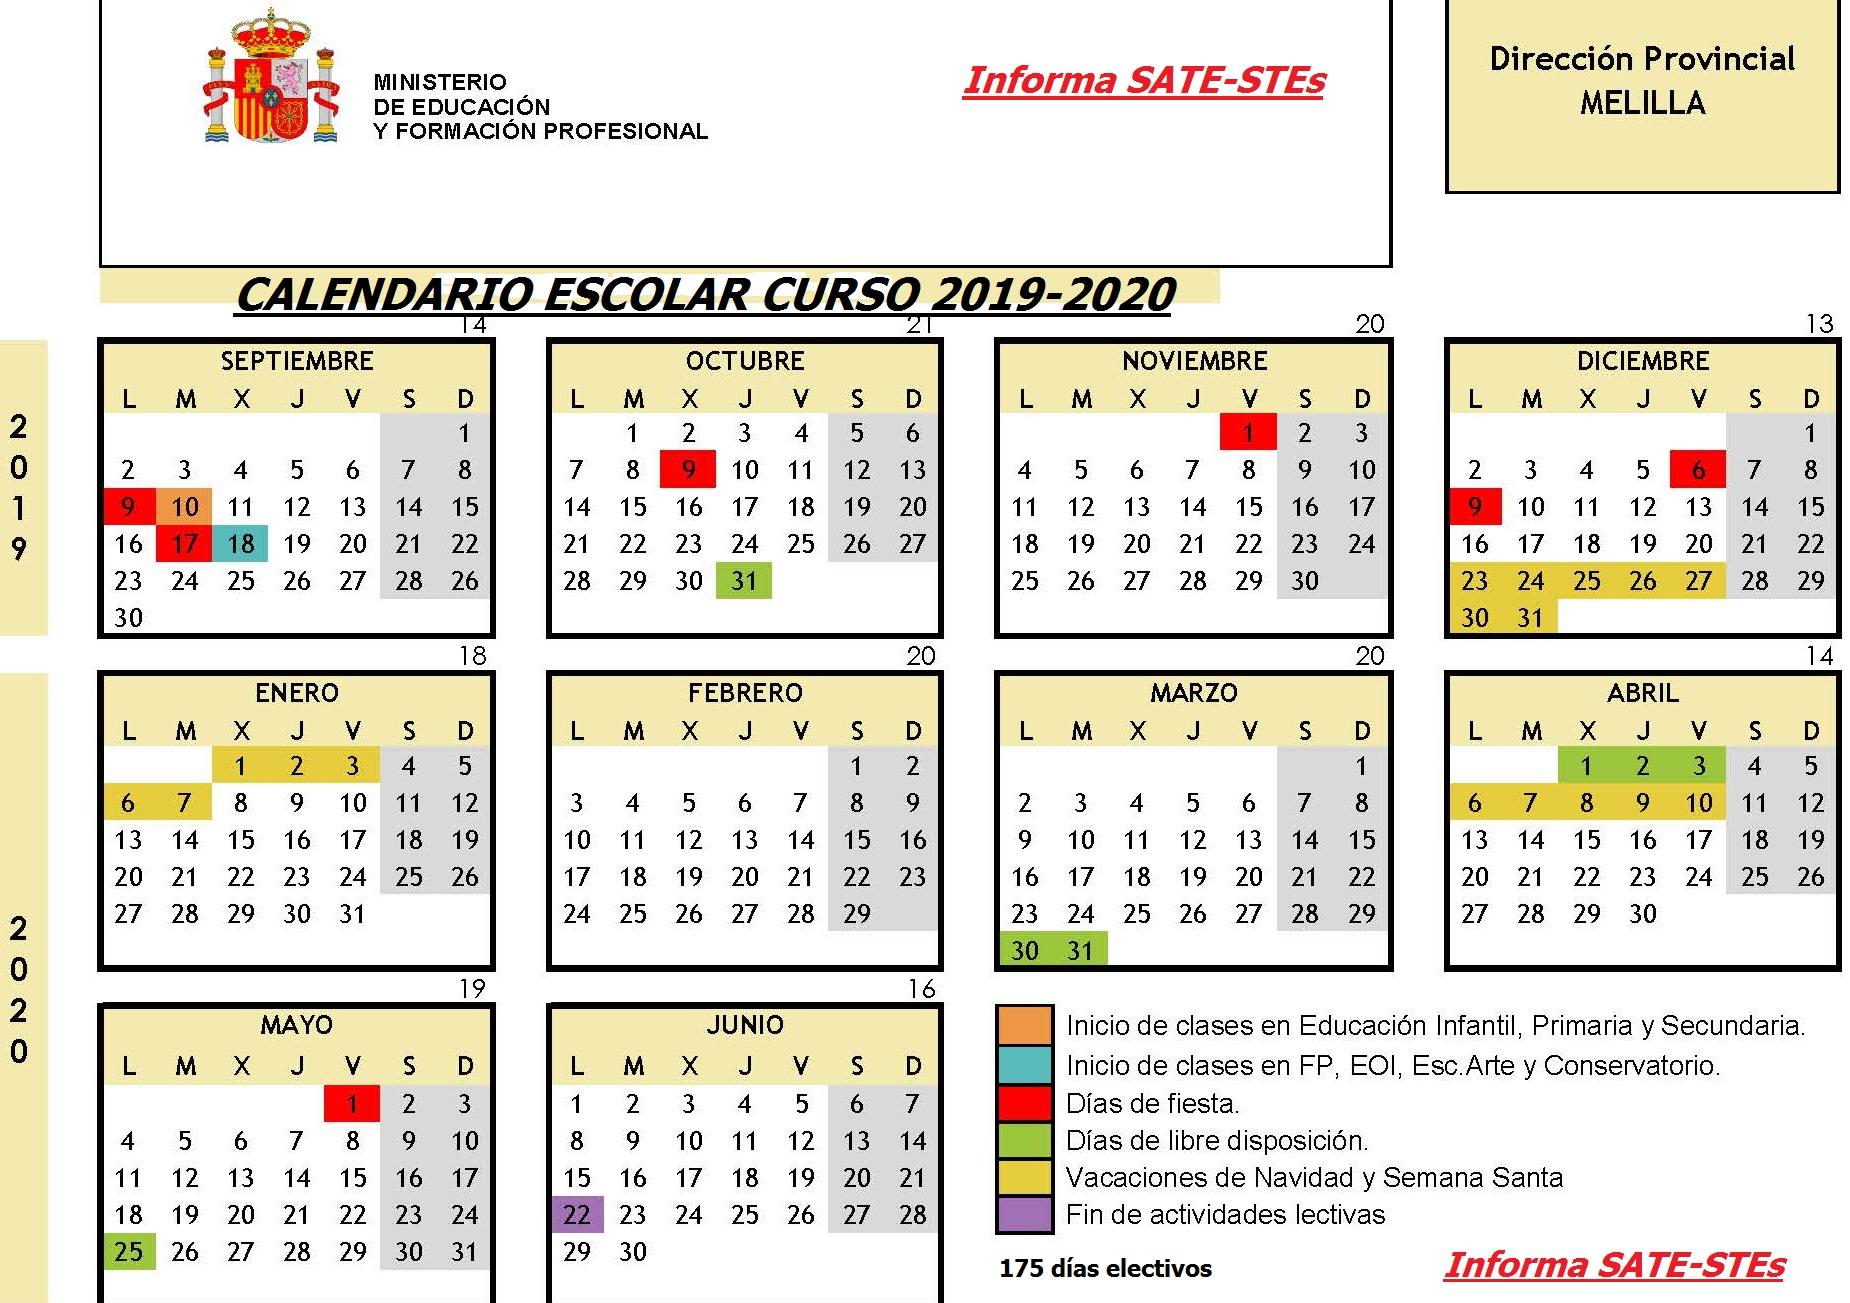 Calendario Escolar 18 19 Asturias.Sate Stes Sindicato Autonomo De Trabajadores De La